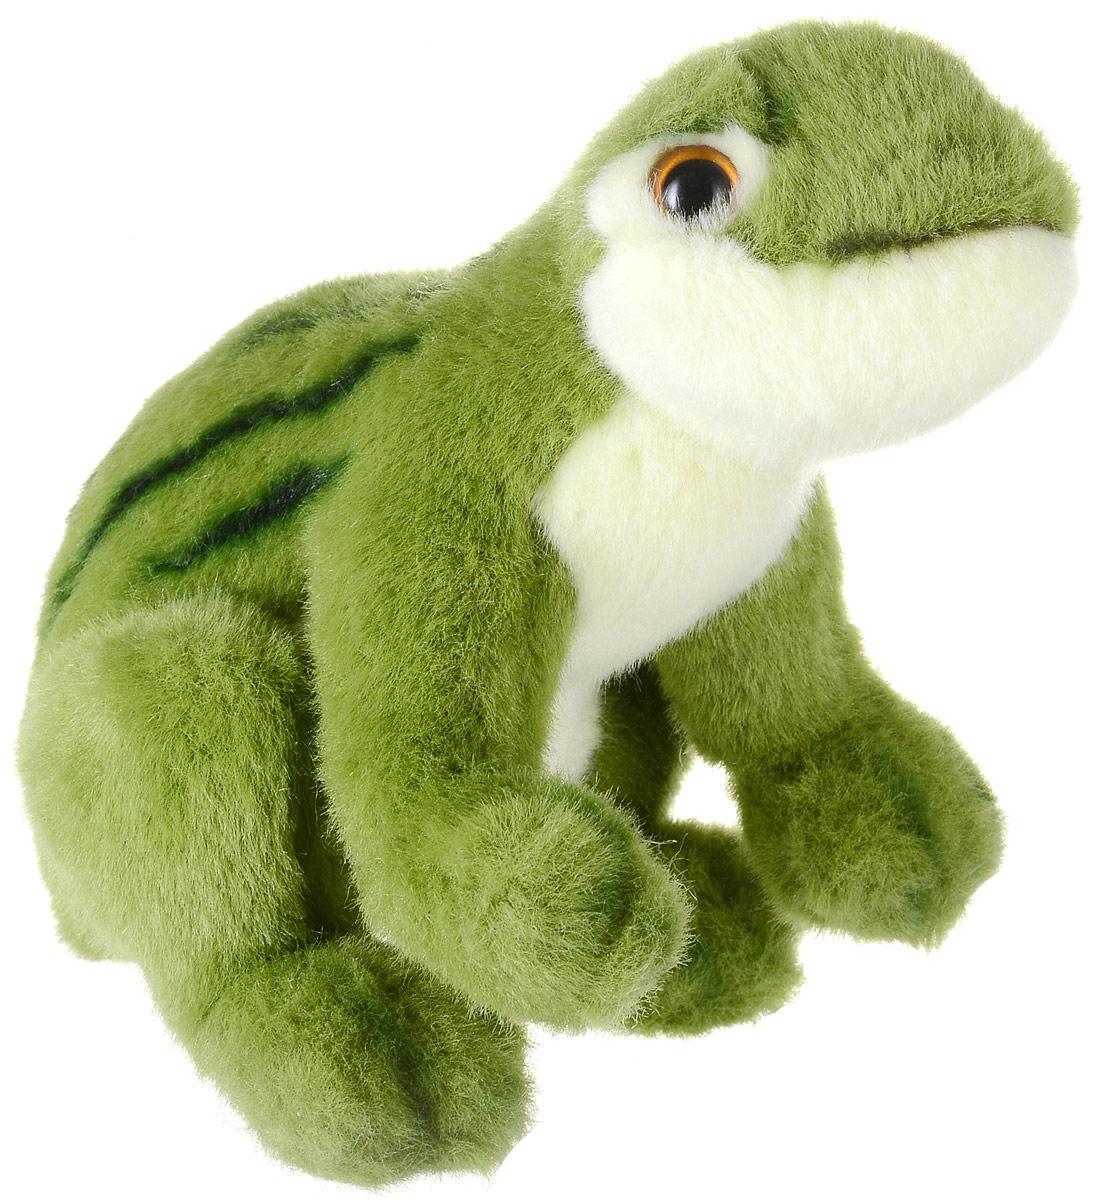 Hansa Toys Мягкая игрушка Зеленая лягушка 16 см1752Лягушки обладают уникальным среди позвоночных зрительным аппаратом. В ходе исследований было обнаружено, что почти 95% информации идет в рефлекторный отдел мозга. Это приводит к тому, что лягушка не видит, где она находится. Основной вывод - лягушки видят только движущиеся предметы. Некоторые виды живут только на суше (у них лишь оплодотворение происходит в воде), остальные же обитают в воде и на суше. Несколько видов ведут древесный образ жизни. Мягкая игрушка Hansa Toys Зеленая лягушка обязательно понравится вам и вашему малышу, а также познакомит вас с этим животным.